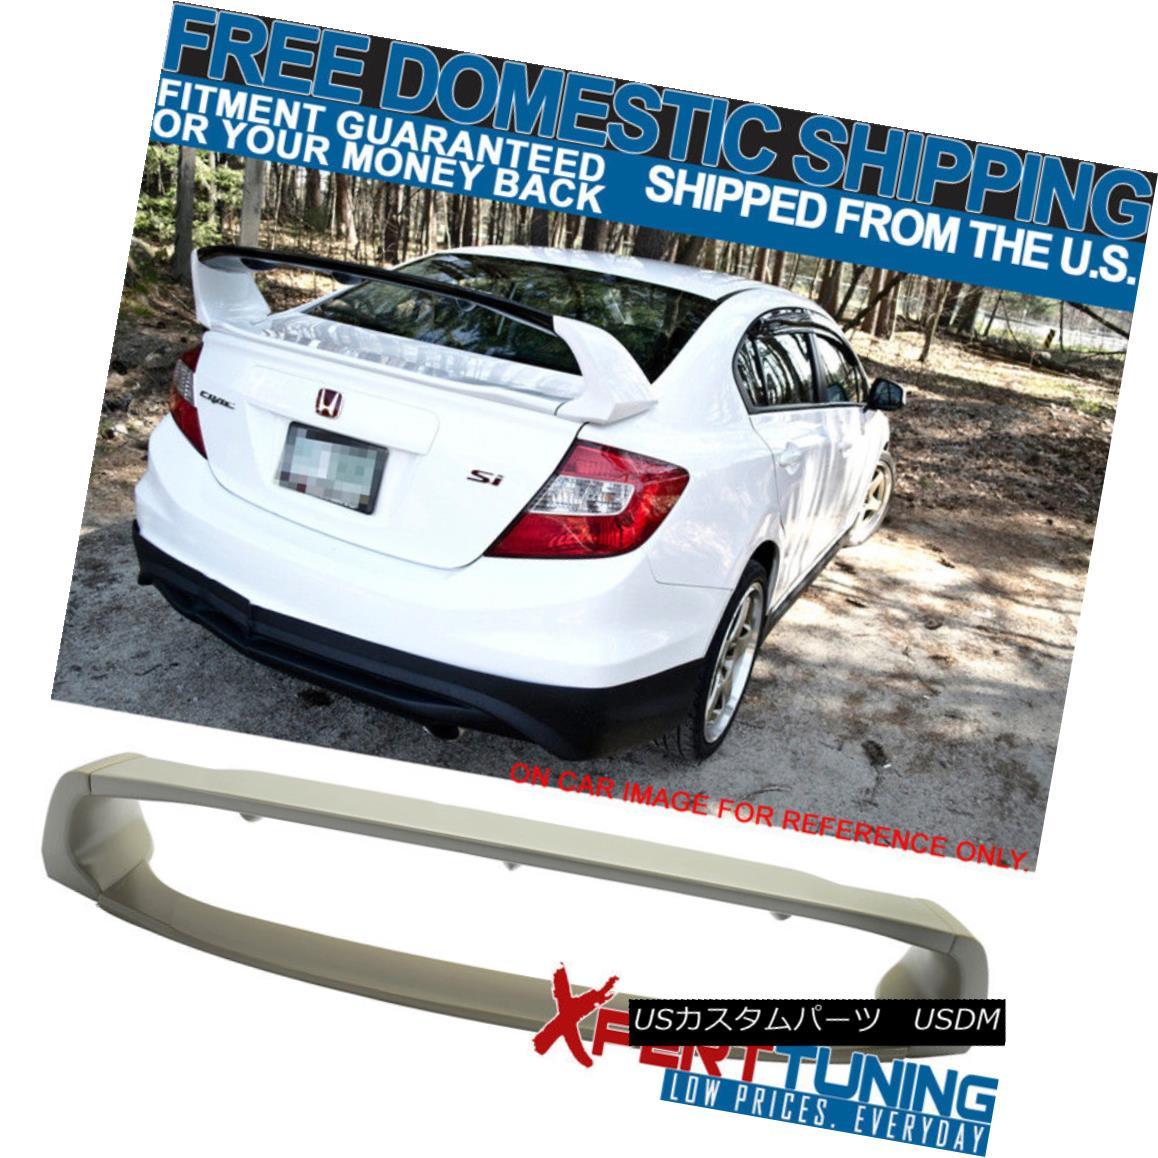 エアロパーツ Mugen Style Unpainted ABS Plastic Trunk Spoiler For 12-15 Honda Civic 4Dr Mugen Style 12-15ホンダシビック4Dr用無塗装ABSプラスチック製トランク・スポイラー